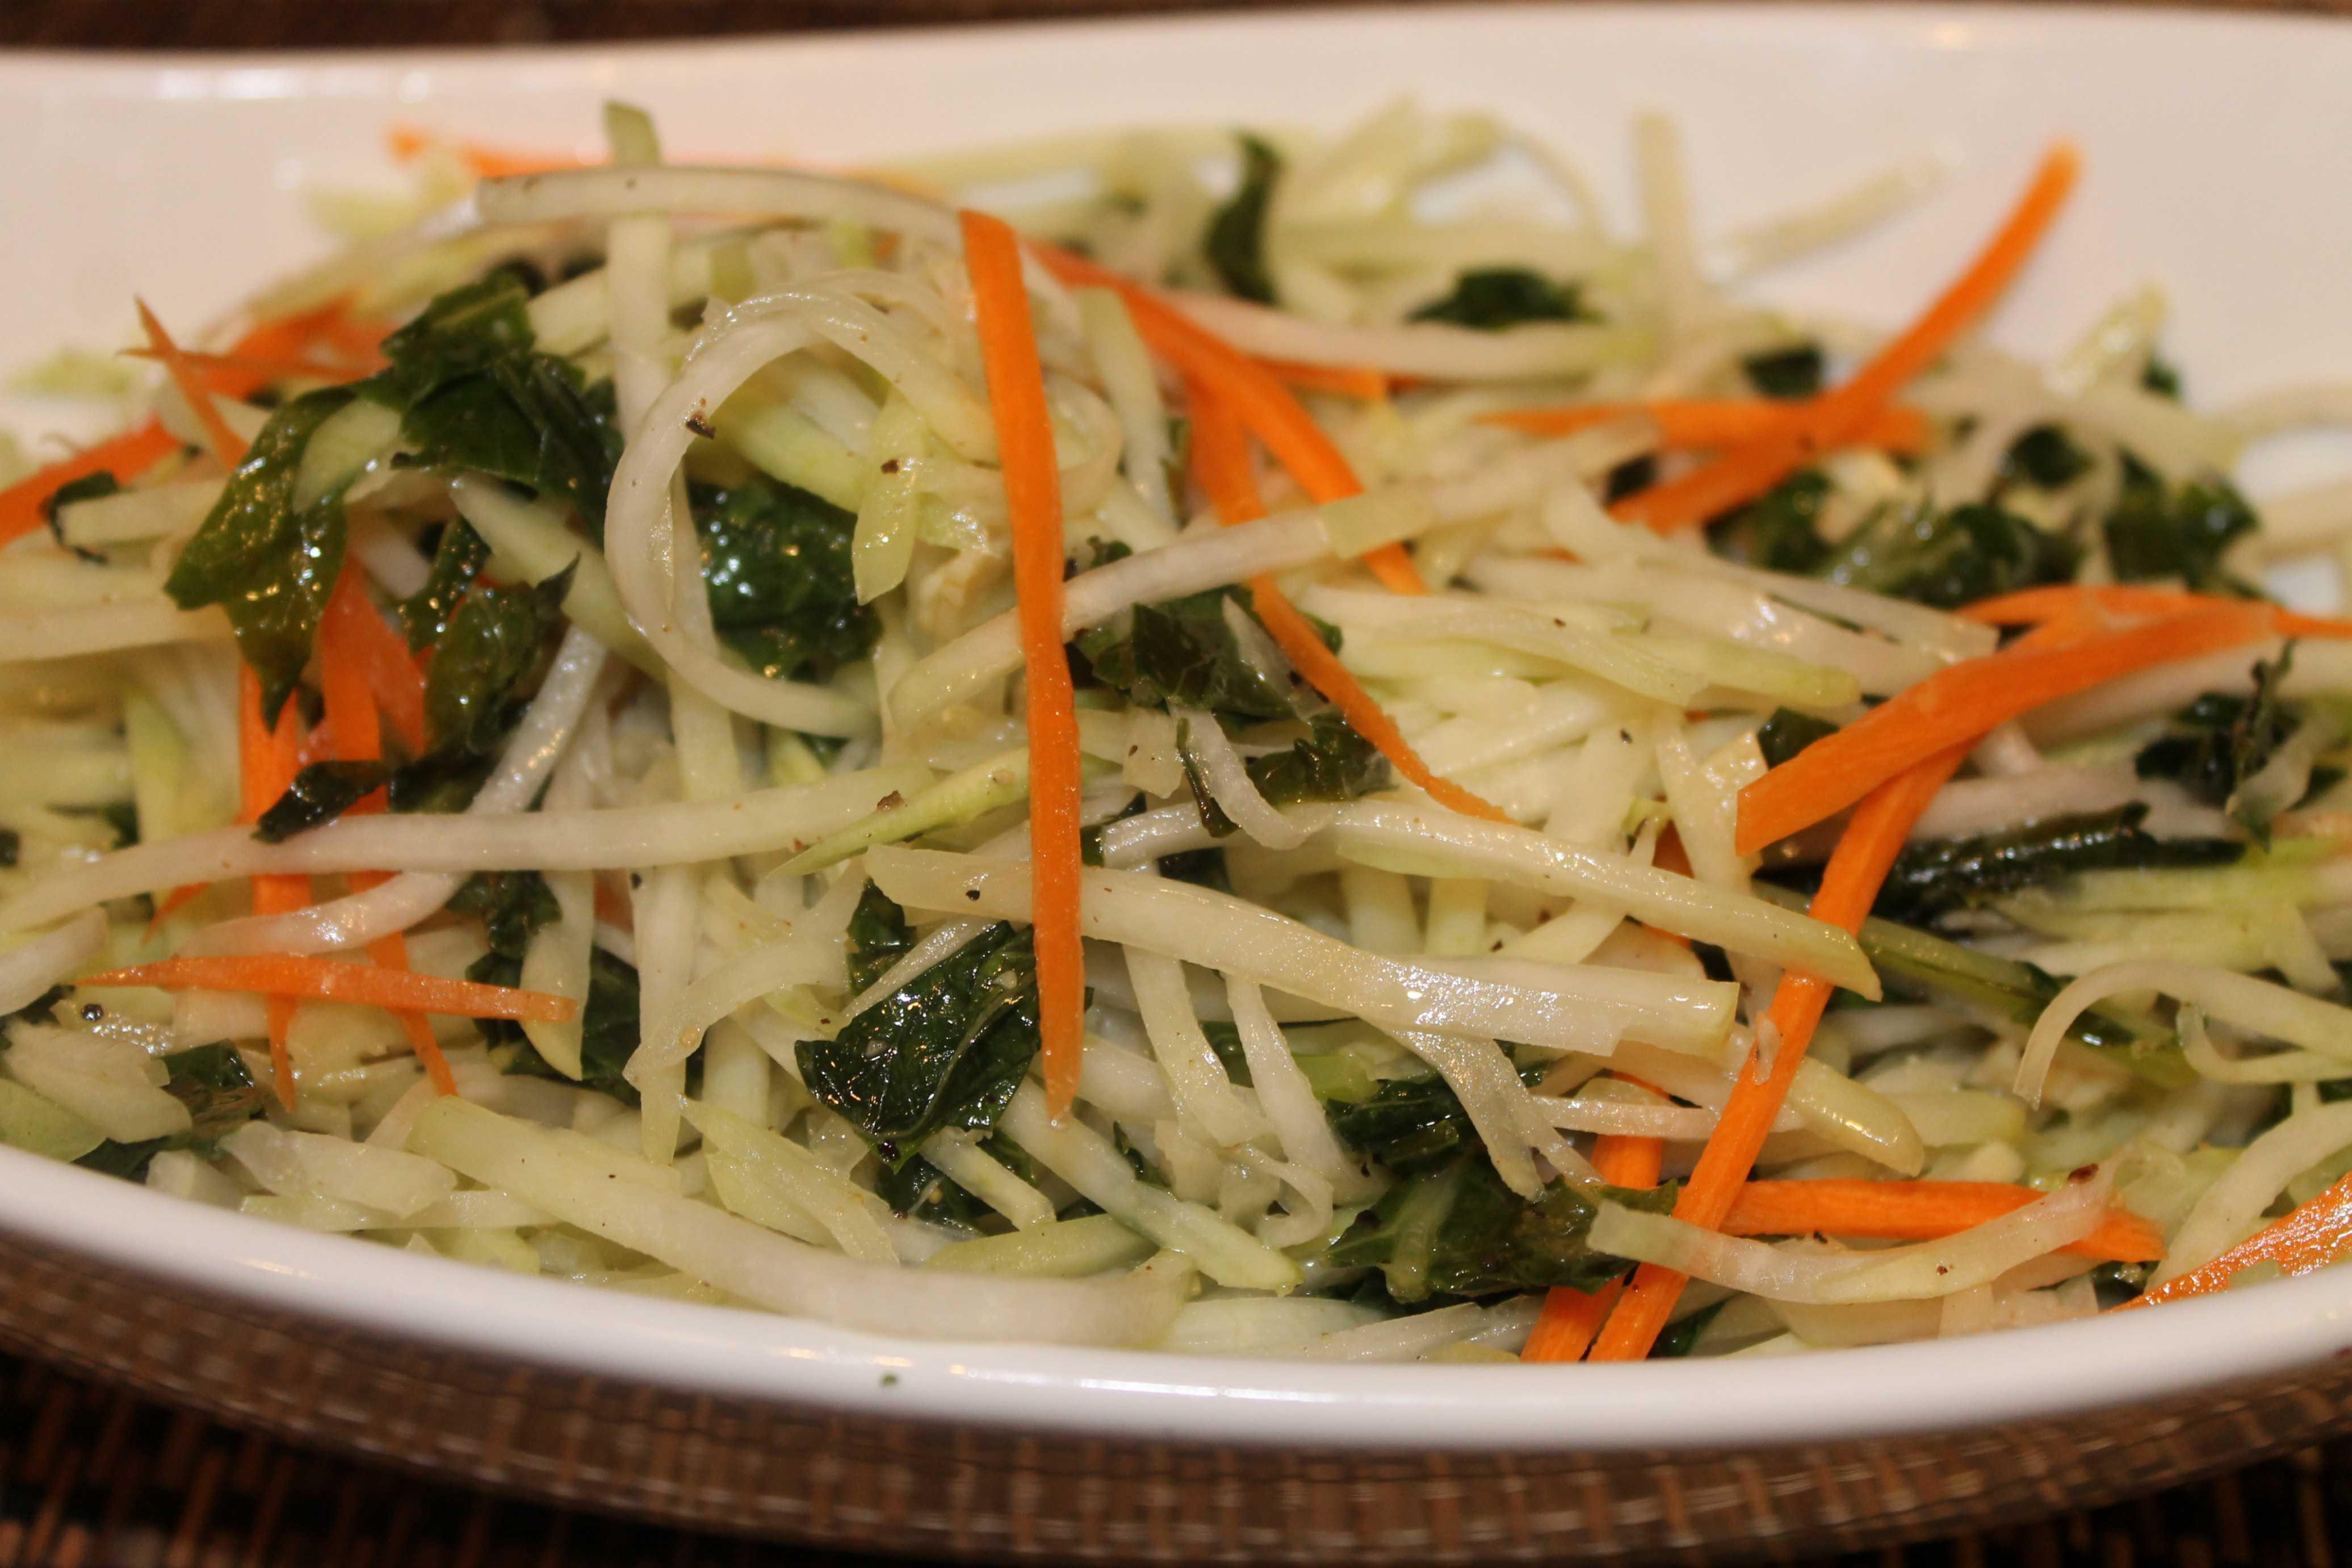 Как приготовить салат из кольраби без майонеза: поиск по ингредиентам, советы, отзывы, пошаговые фото, подсчет калорий, изменение порций, похожие рецепты